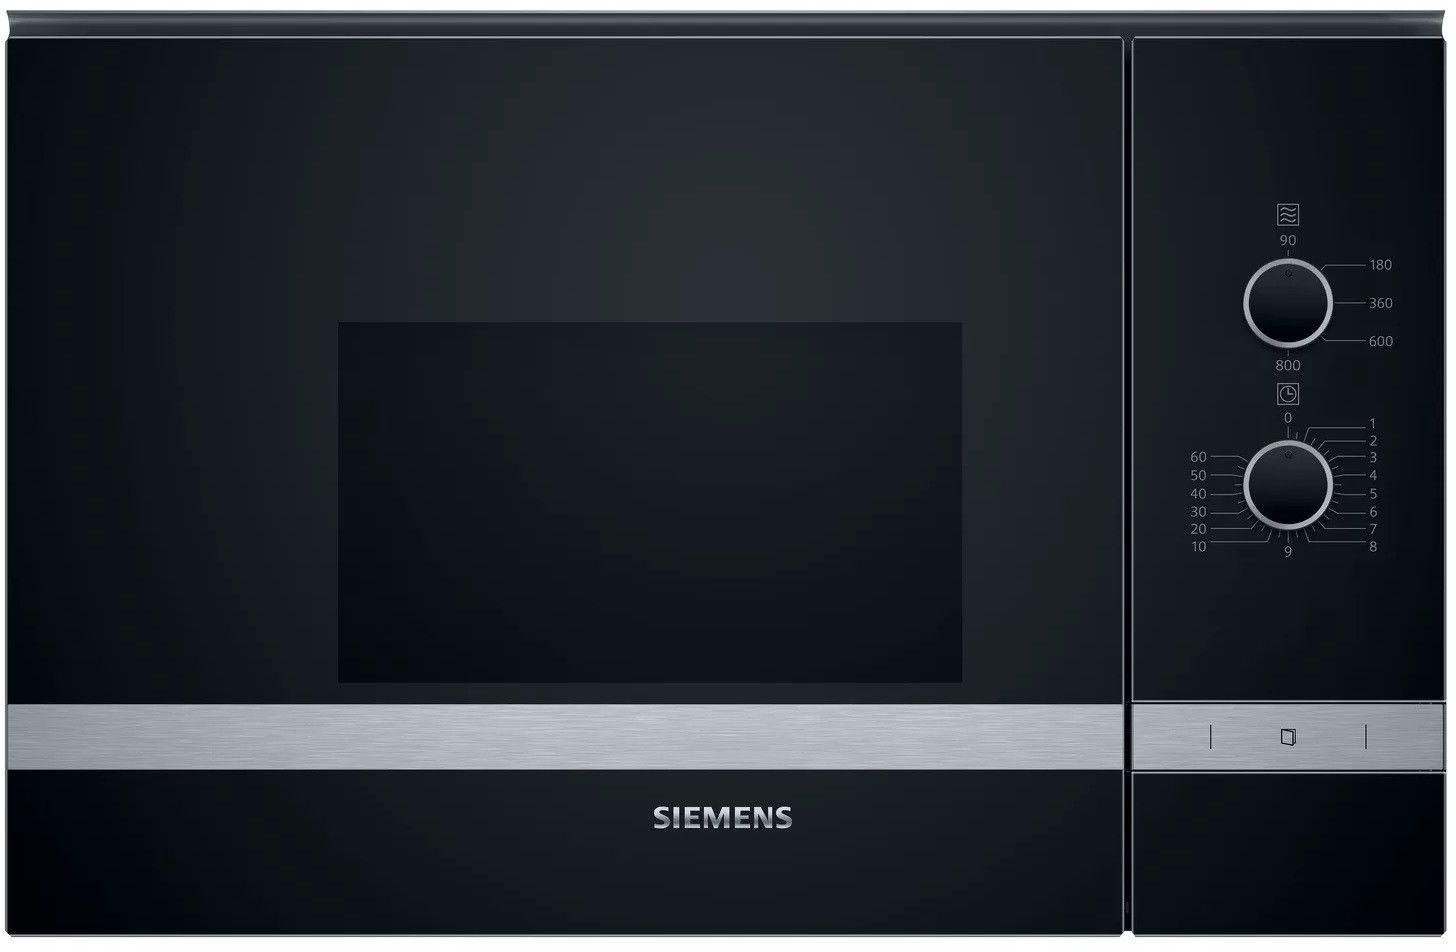 Mikrofala Siemens BF520LMR0 sLine, I tel. (22) 266 82 20 I Raty 0 % I kto pyta płaci mniej I Płatności online !